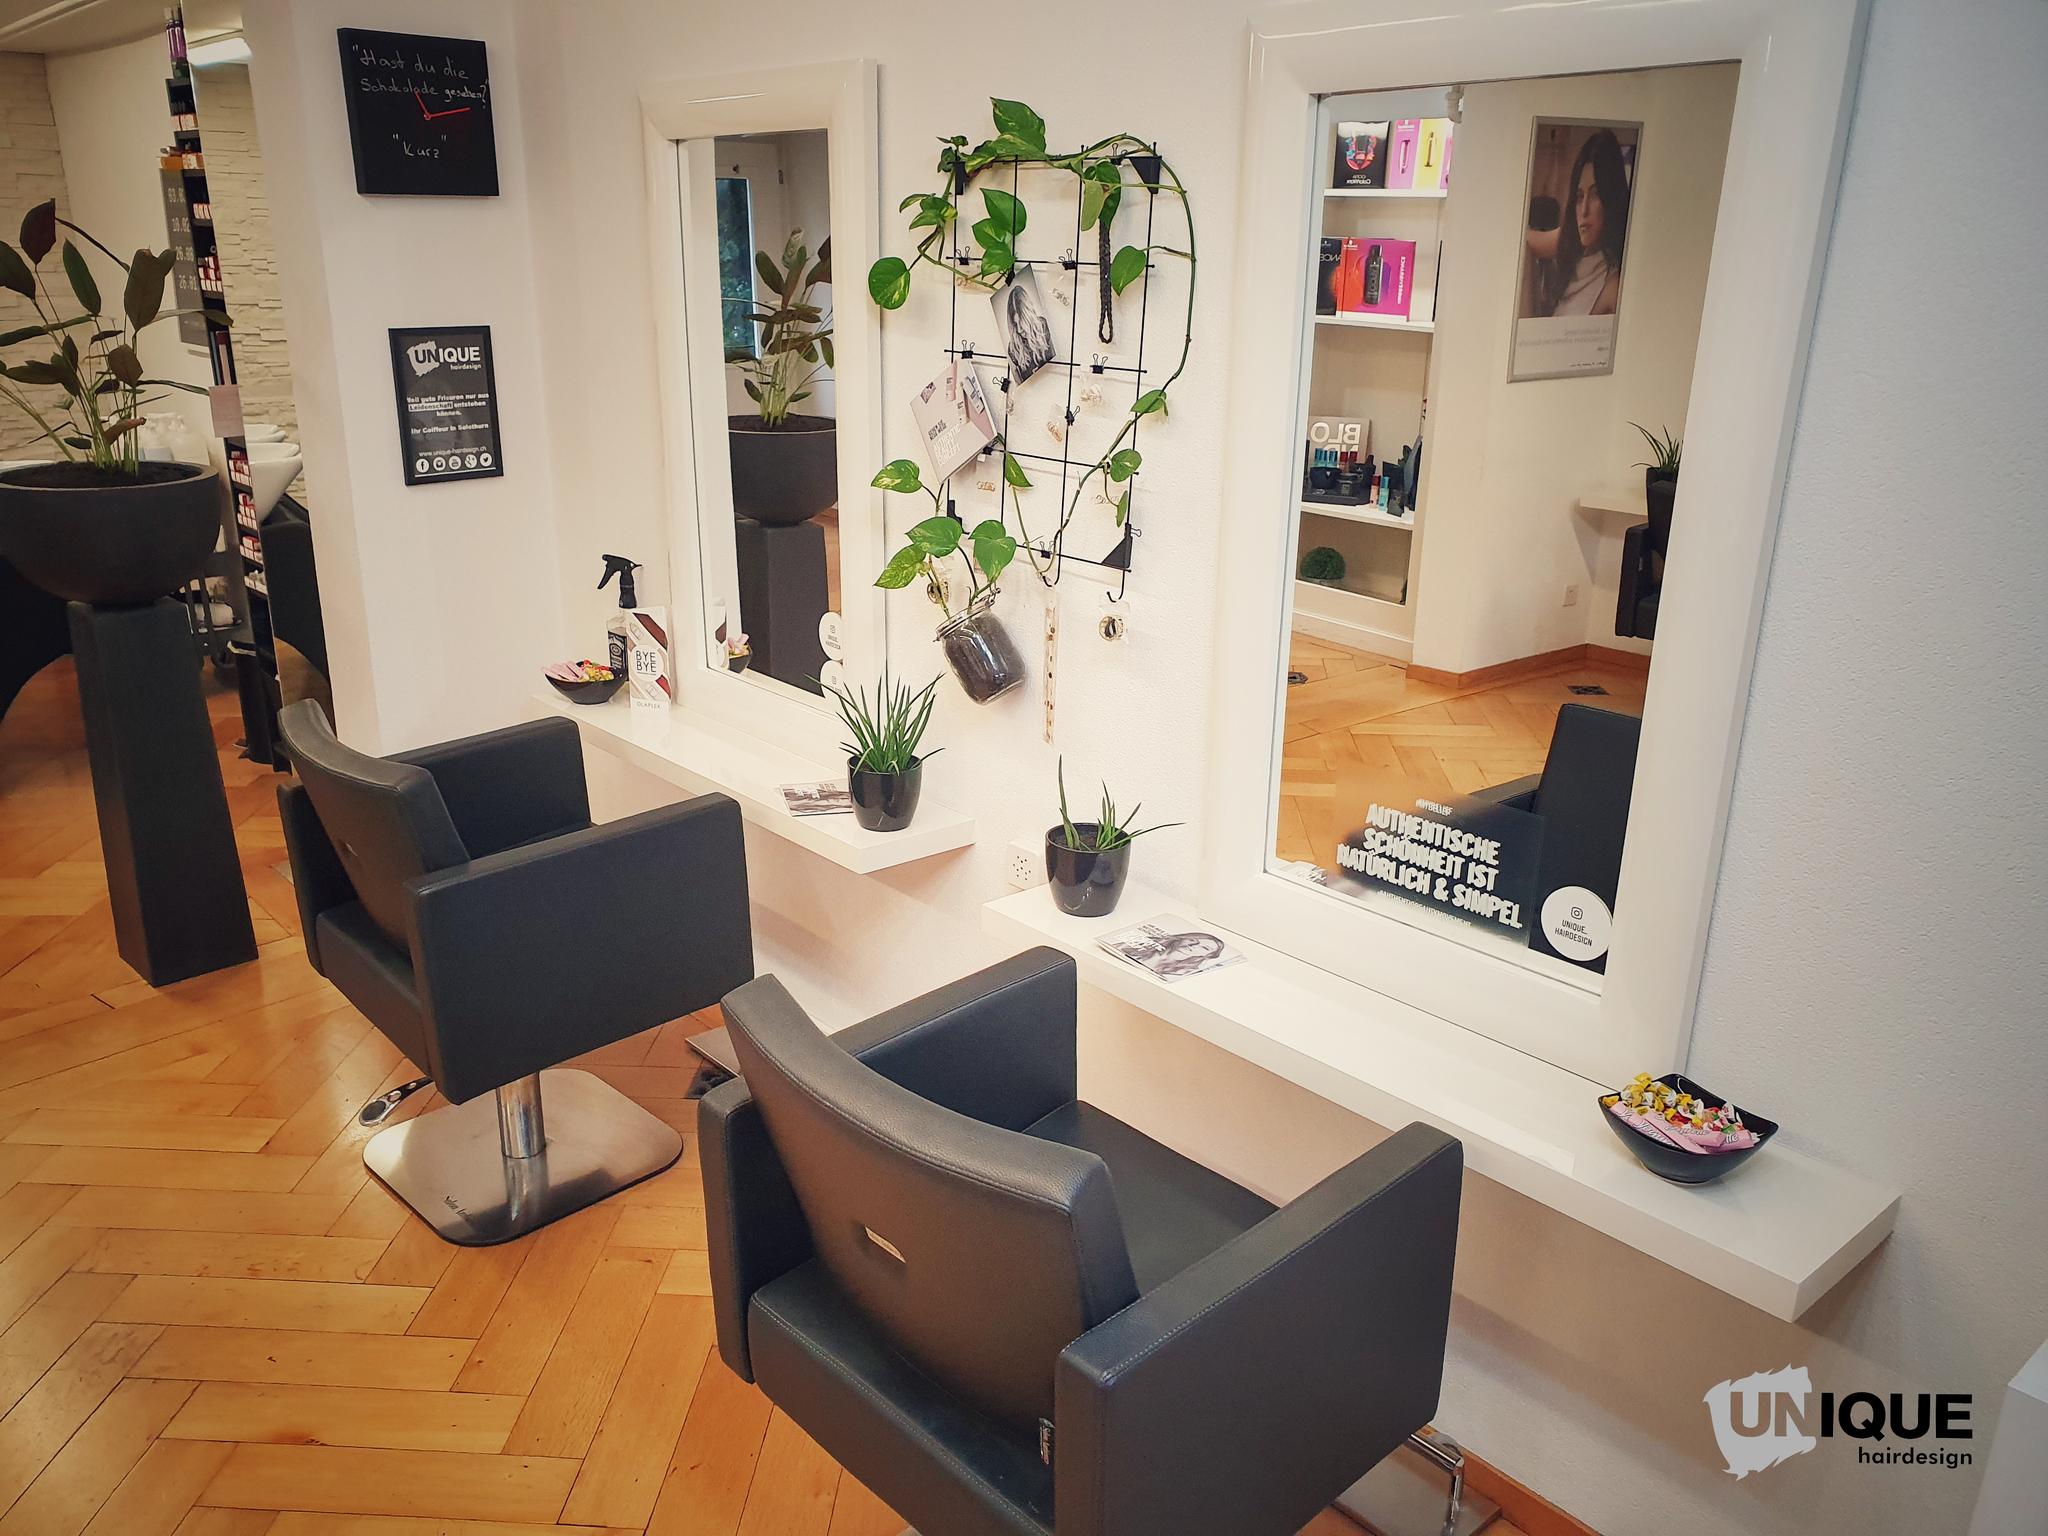 UNIQUE hairdesign Salon